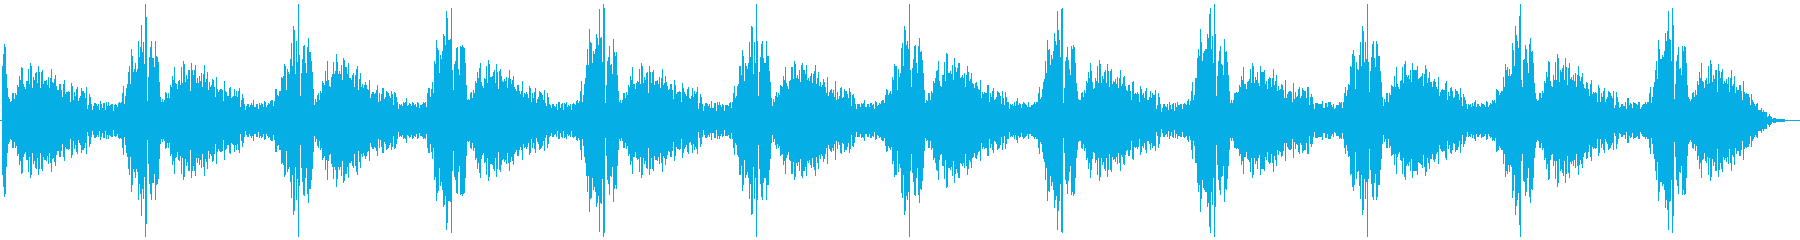 パトカー等のサイレンの再生済みの波形